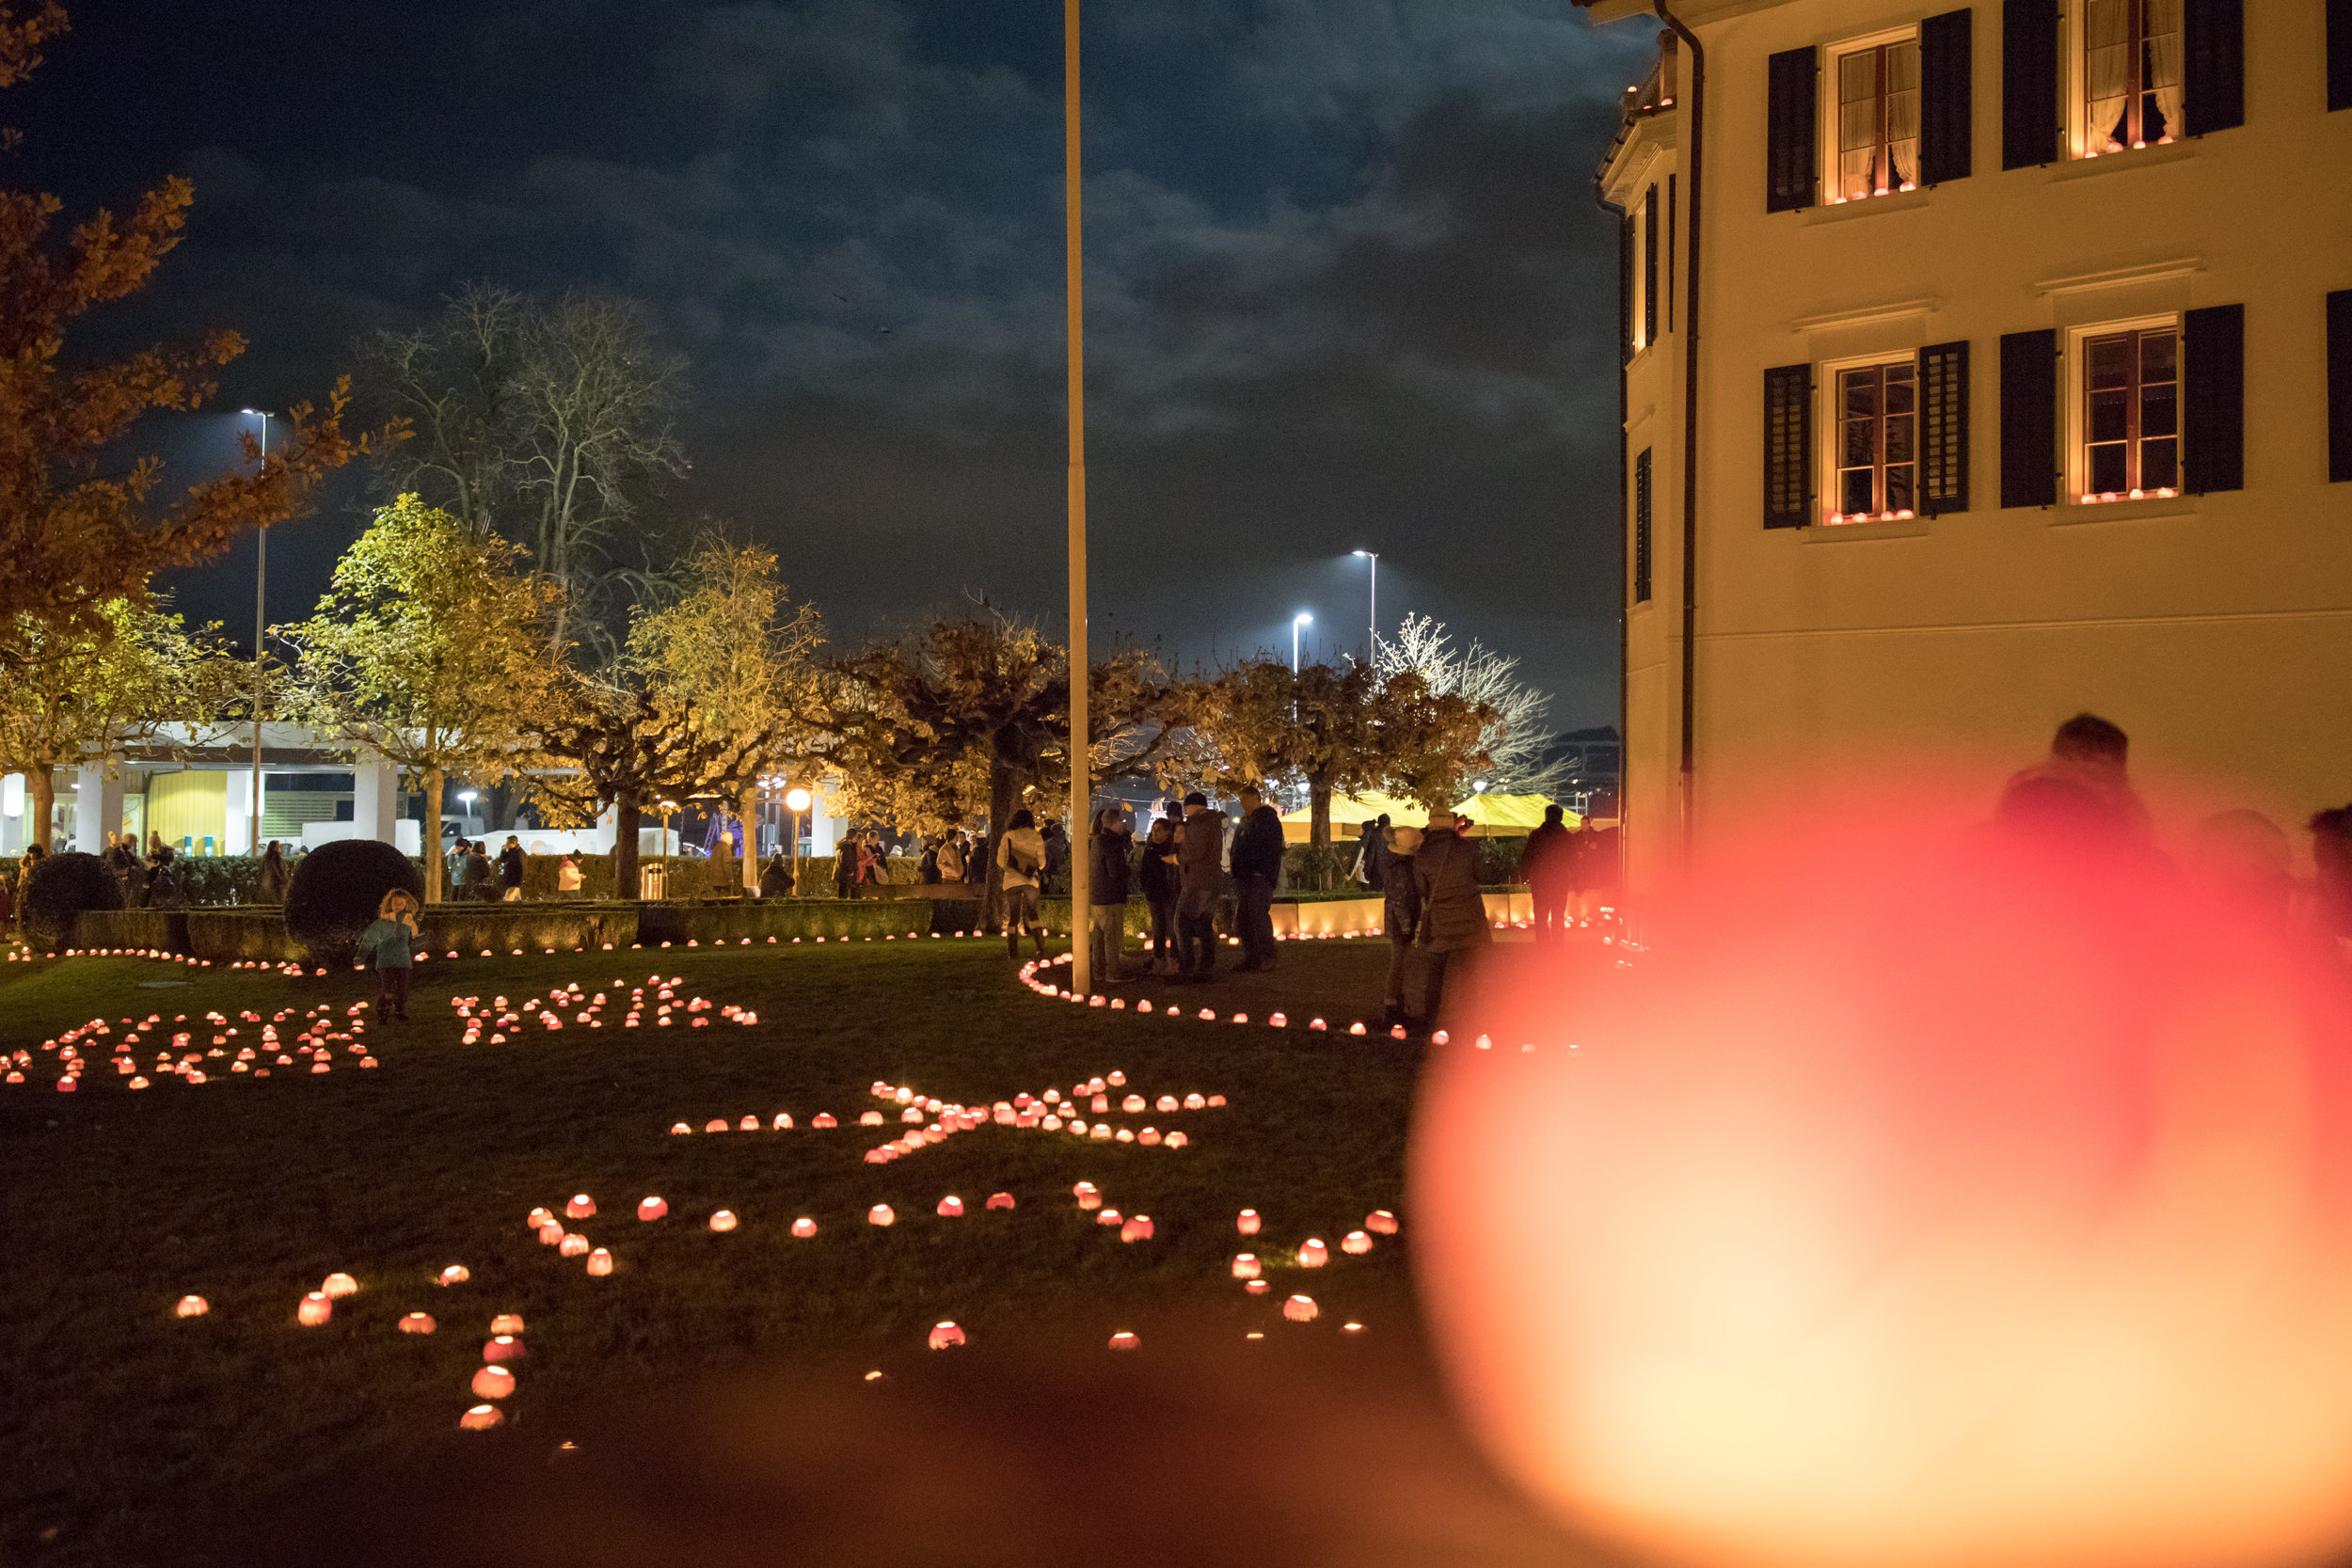 turnip-festival-richterswil-switzerland.jpg